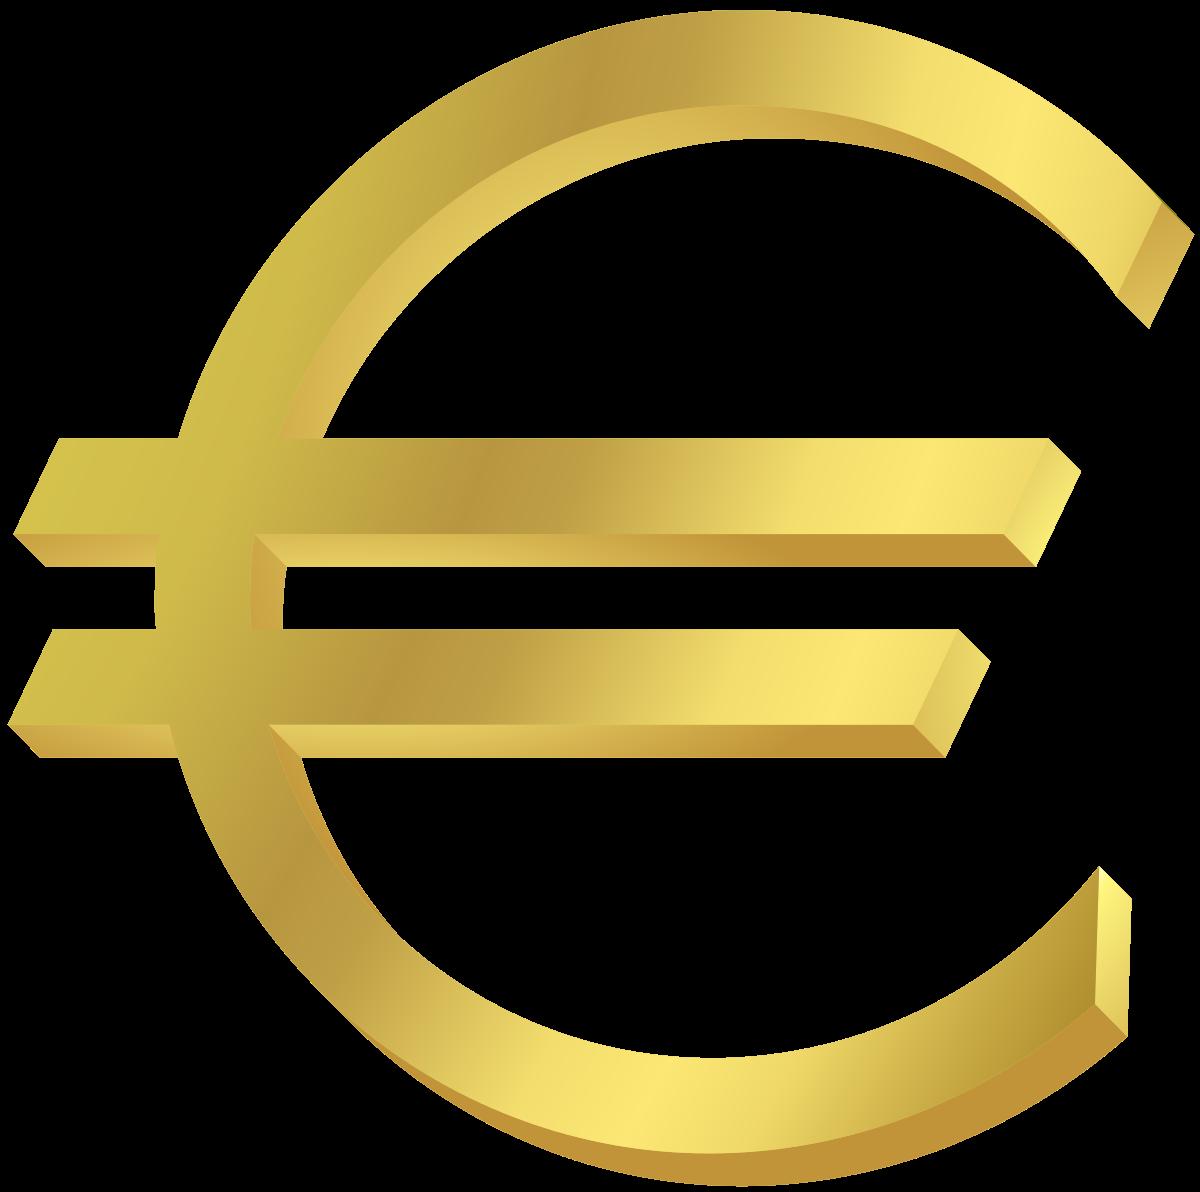 δάνεια με εύκολες επιλογές αποπληρωμής